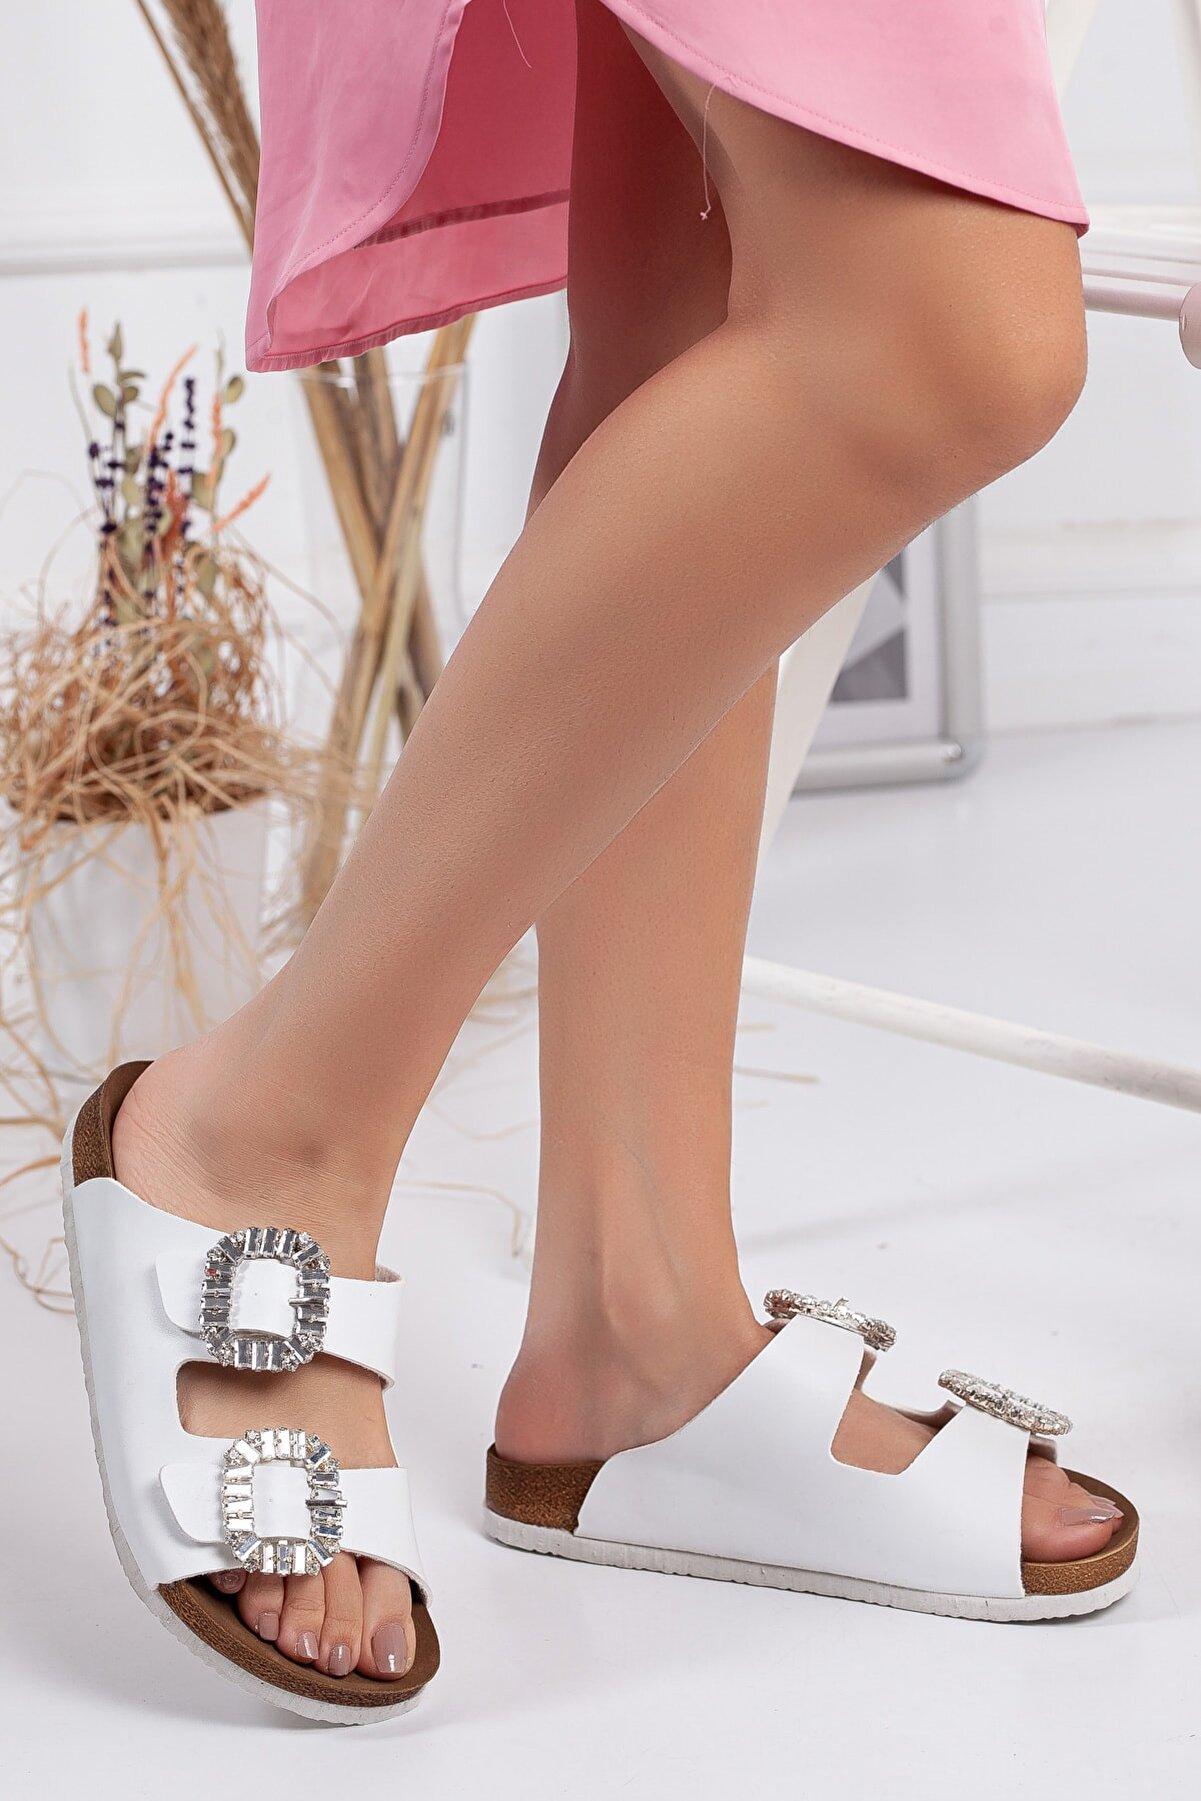 meyra'nın ayakkabıları Kadın Beyaz Taşlı Çift Toka Terlik